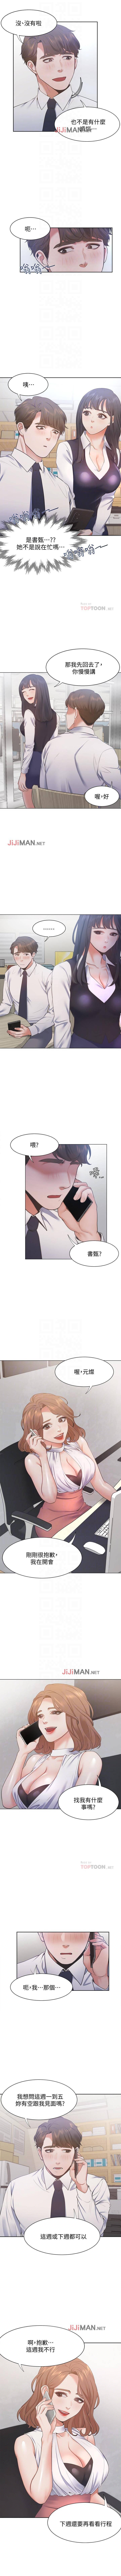 【周五连载】渴望:爱火难耐(作者:Appeal&格子17) 第1~24话 158